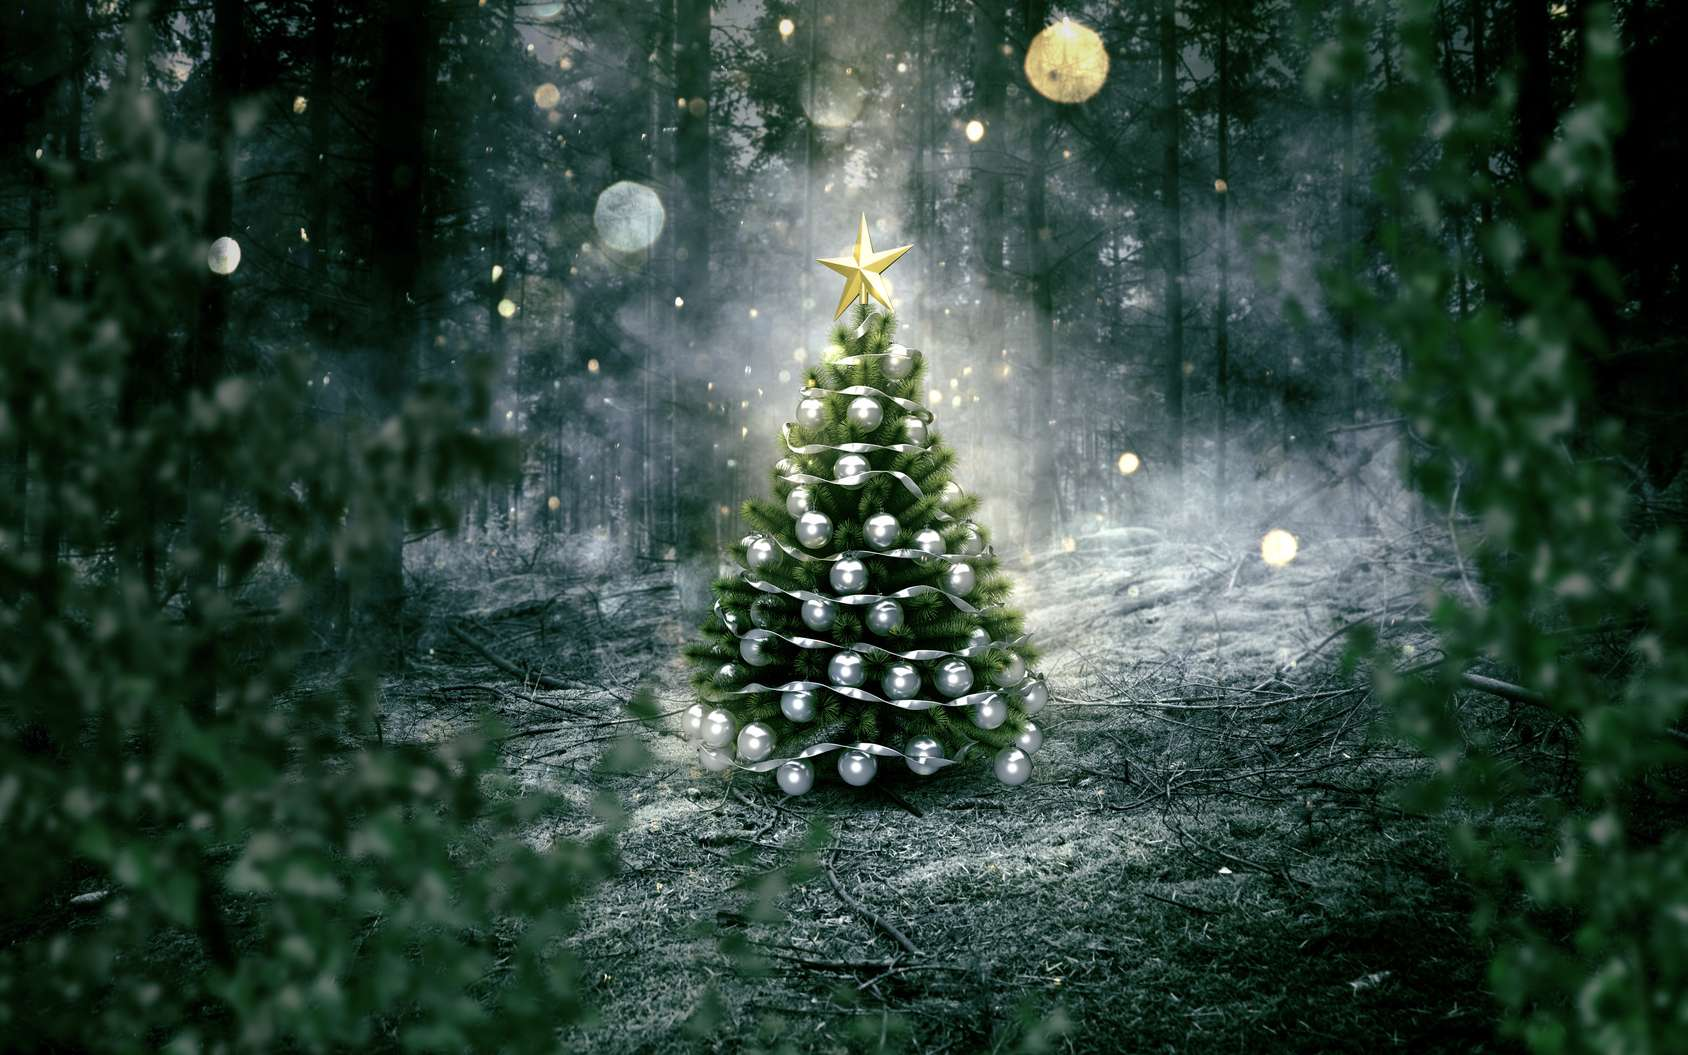 Le sapin Nordmann est le sapin de Noël préféré des Français depuis plusieurs années. © lassedesignen, Fotolia